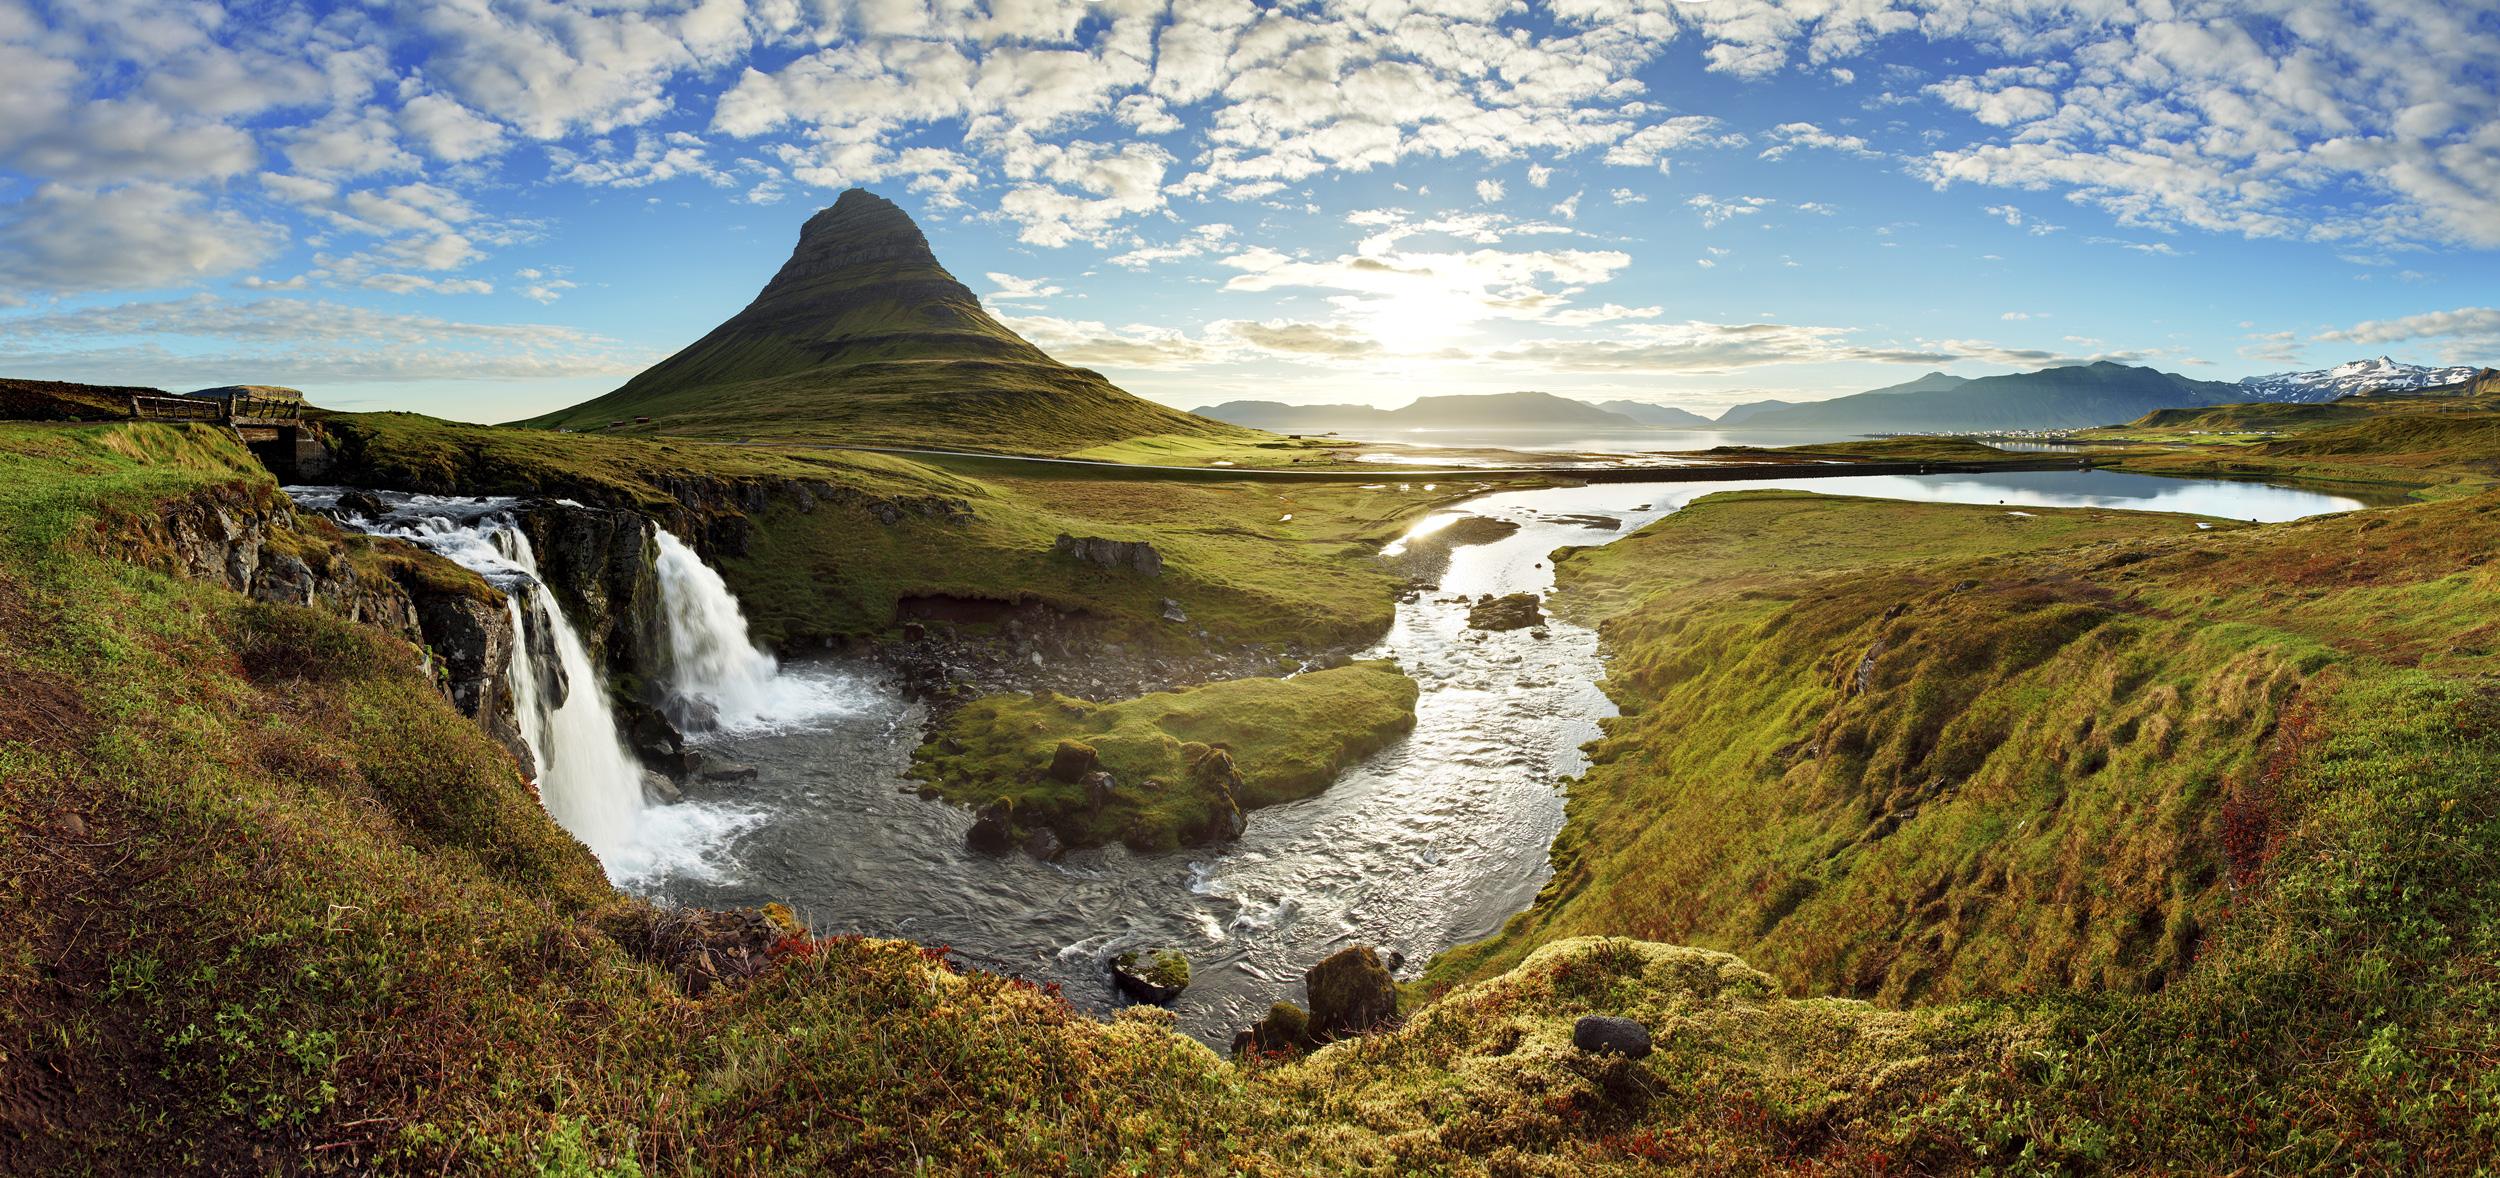 L'Islande à pied: rencontre avec moi-même